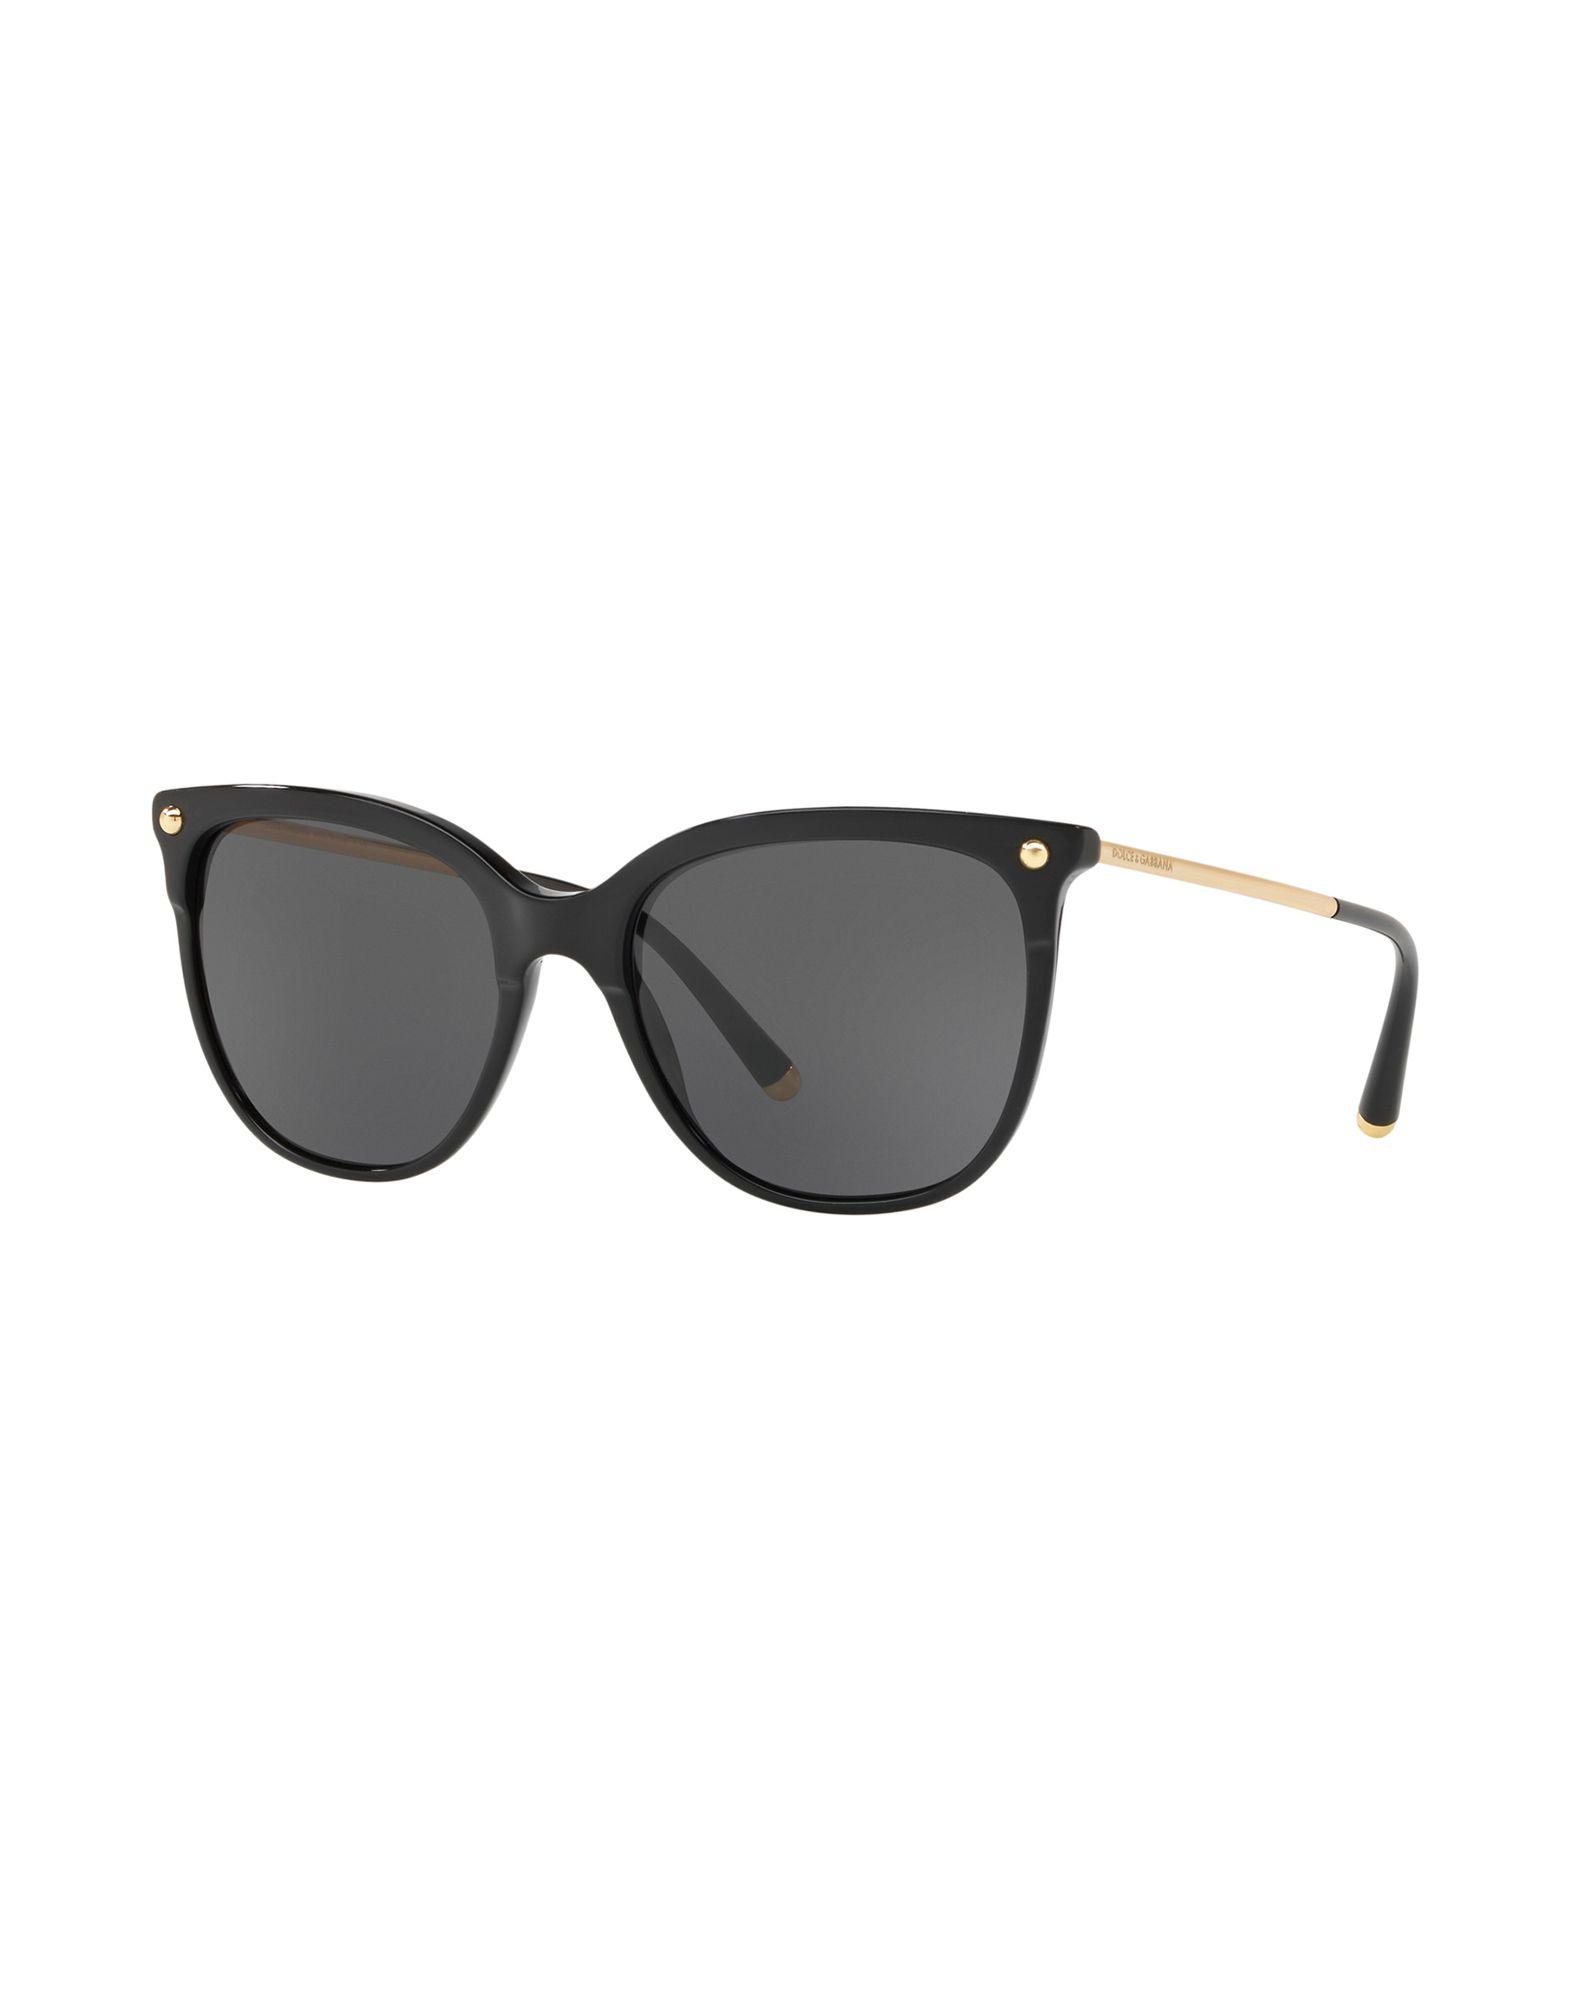 DOLCE & GABBANA Солнечные очки dolce gabbana 61i b41111 dolce gabbana lui